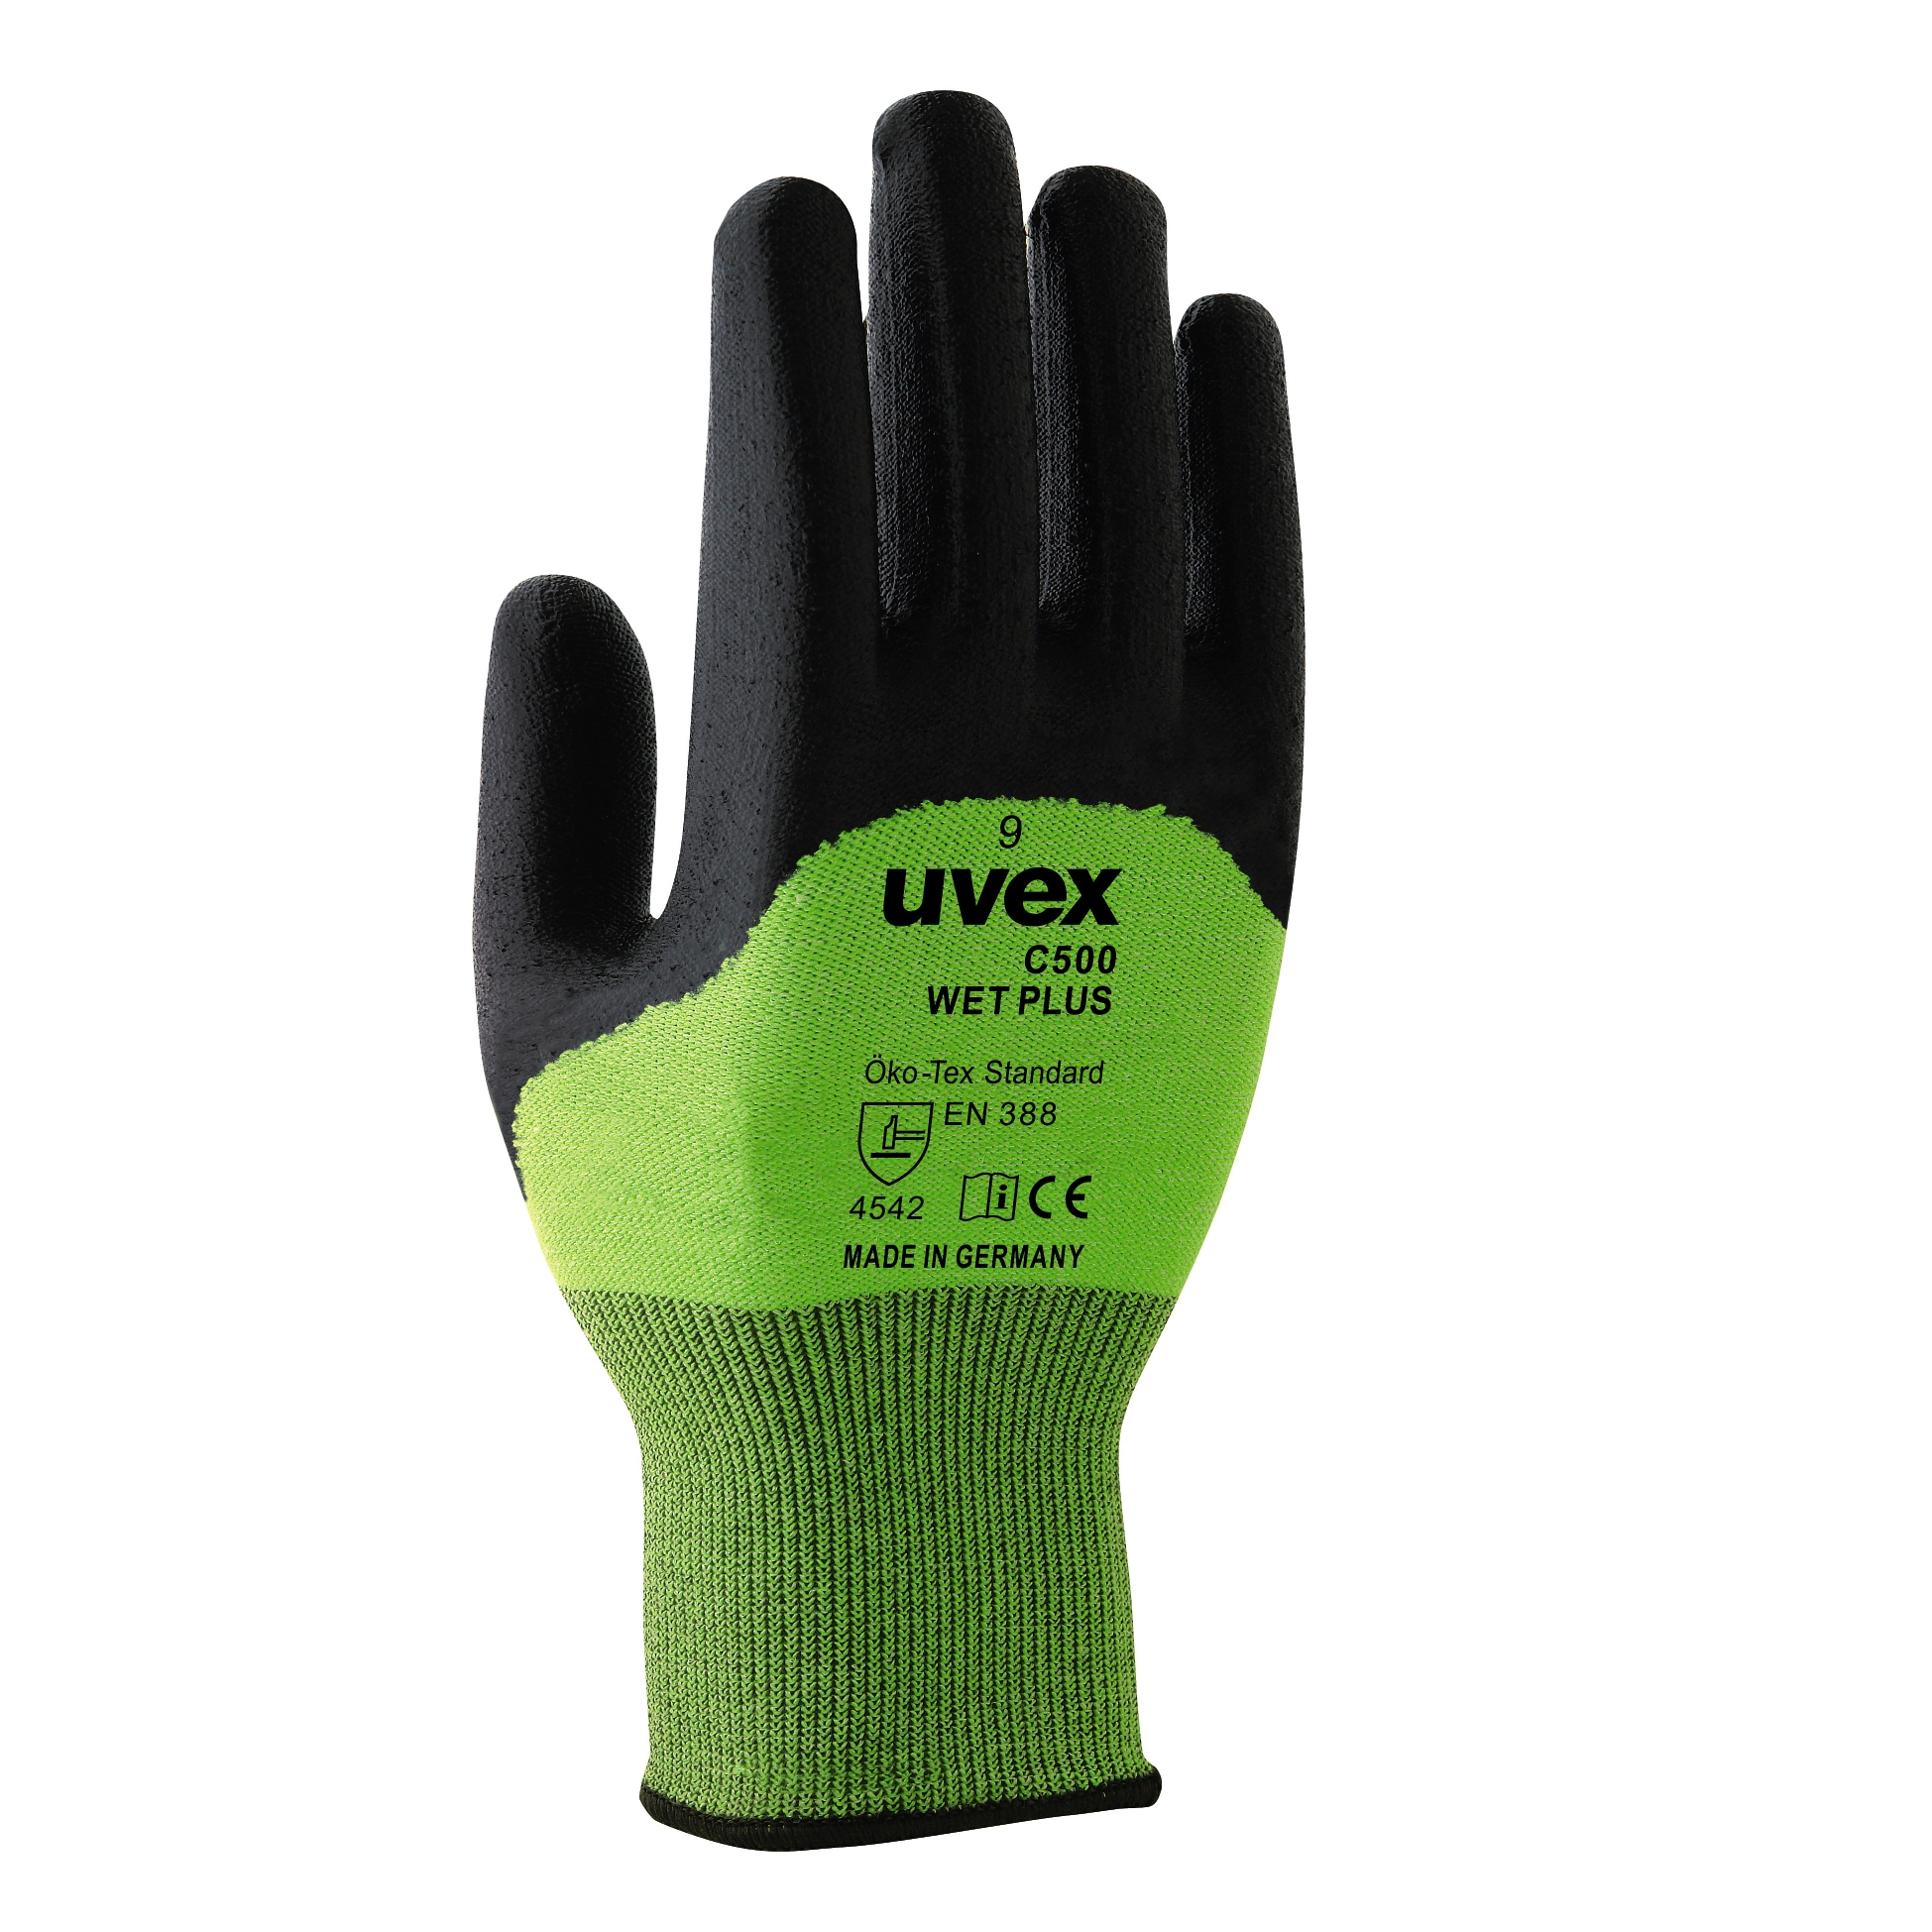 1 Paar Hase Power Grip Arbeitshandschuhe strapazierfähigem Outdoor-Handschuh